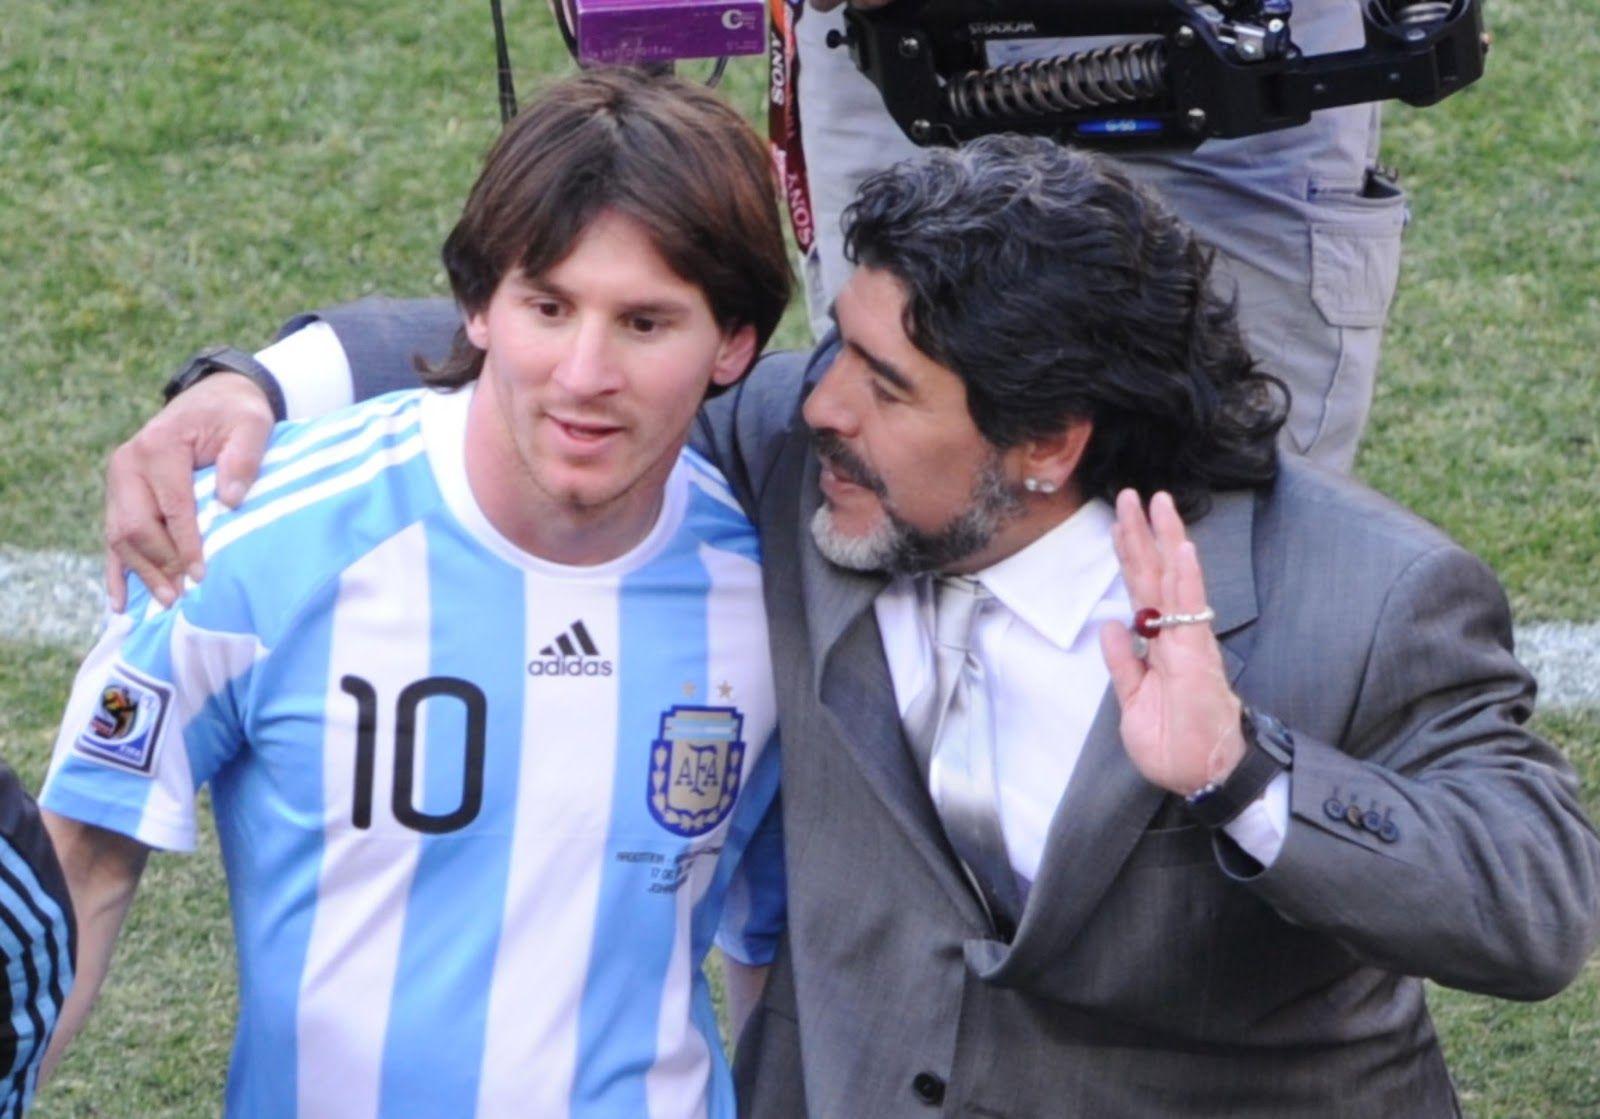 Los ídolos, juntos: Messi y Maradona compartirán cancha en un partido a beneficio